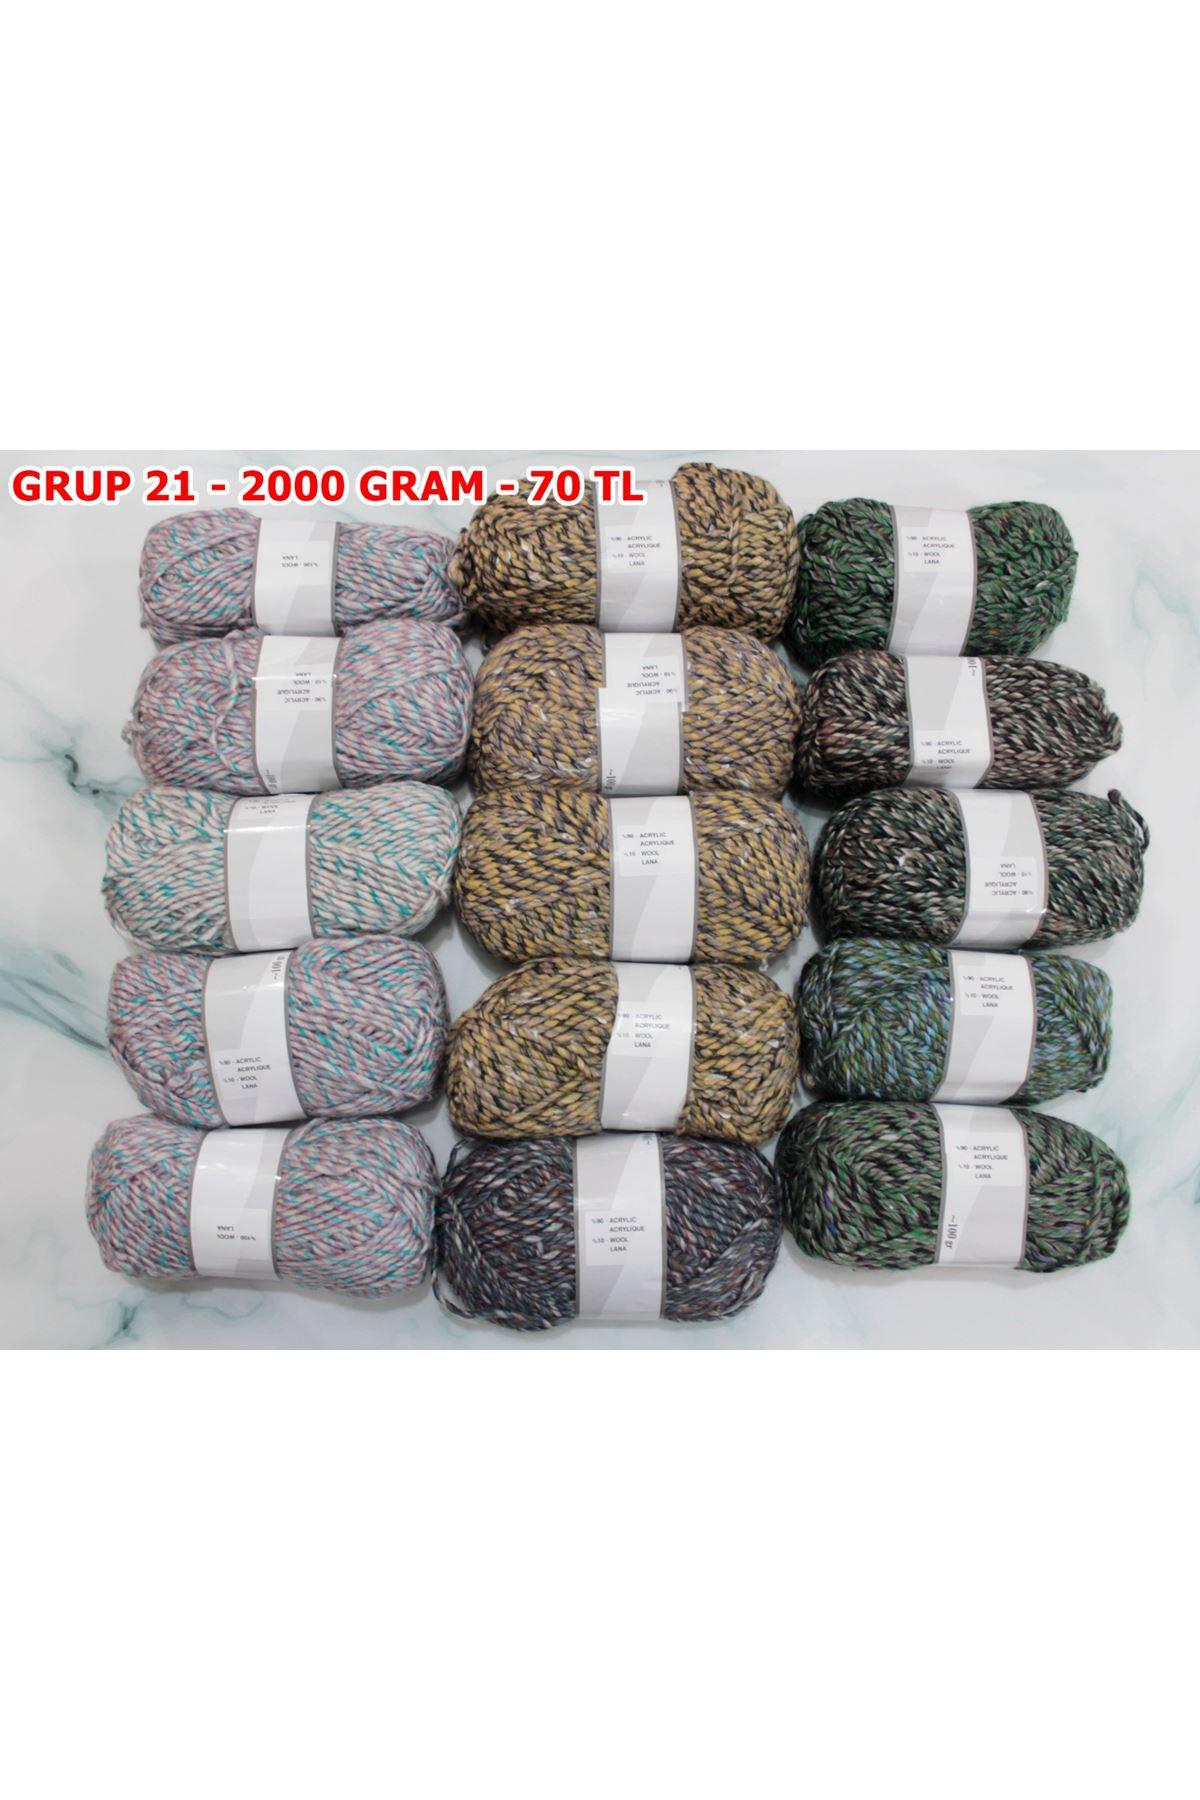 Export Akrilik İpler İhraç Fazlası Grup 21